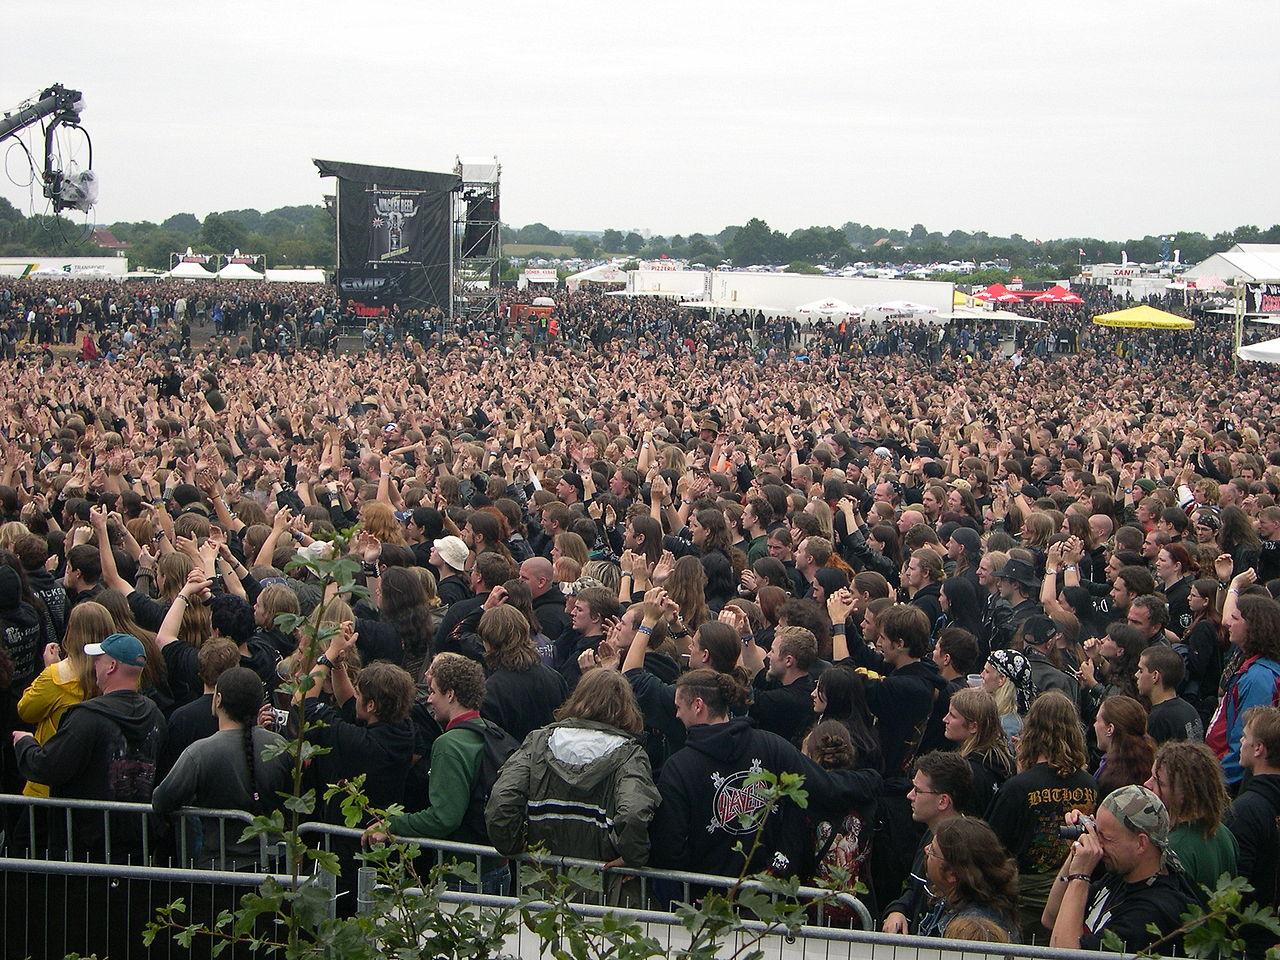 Фестиваль тяжелой музыки в Германии